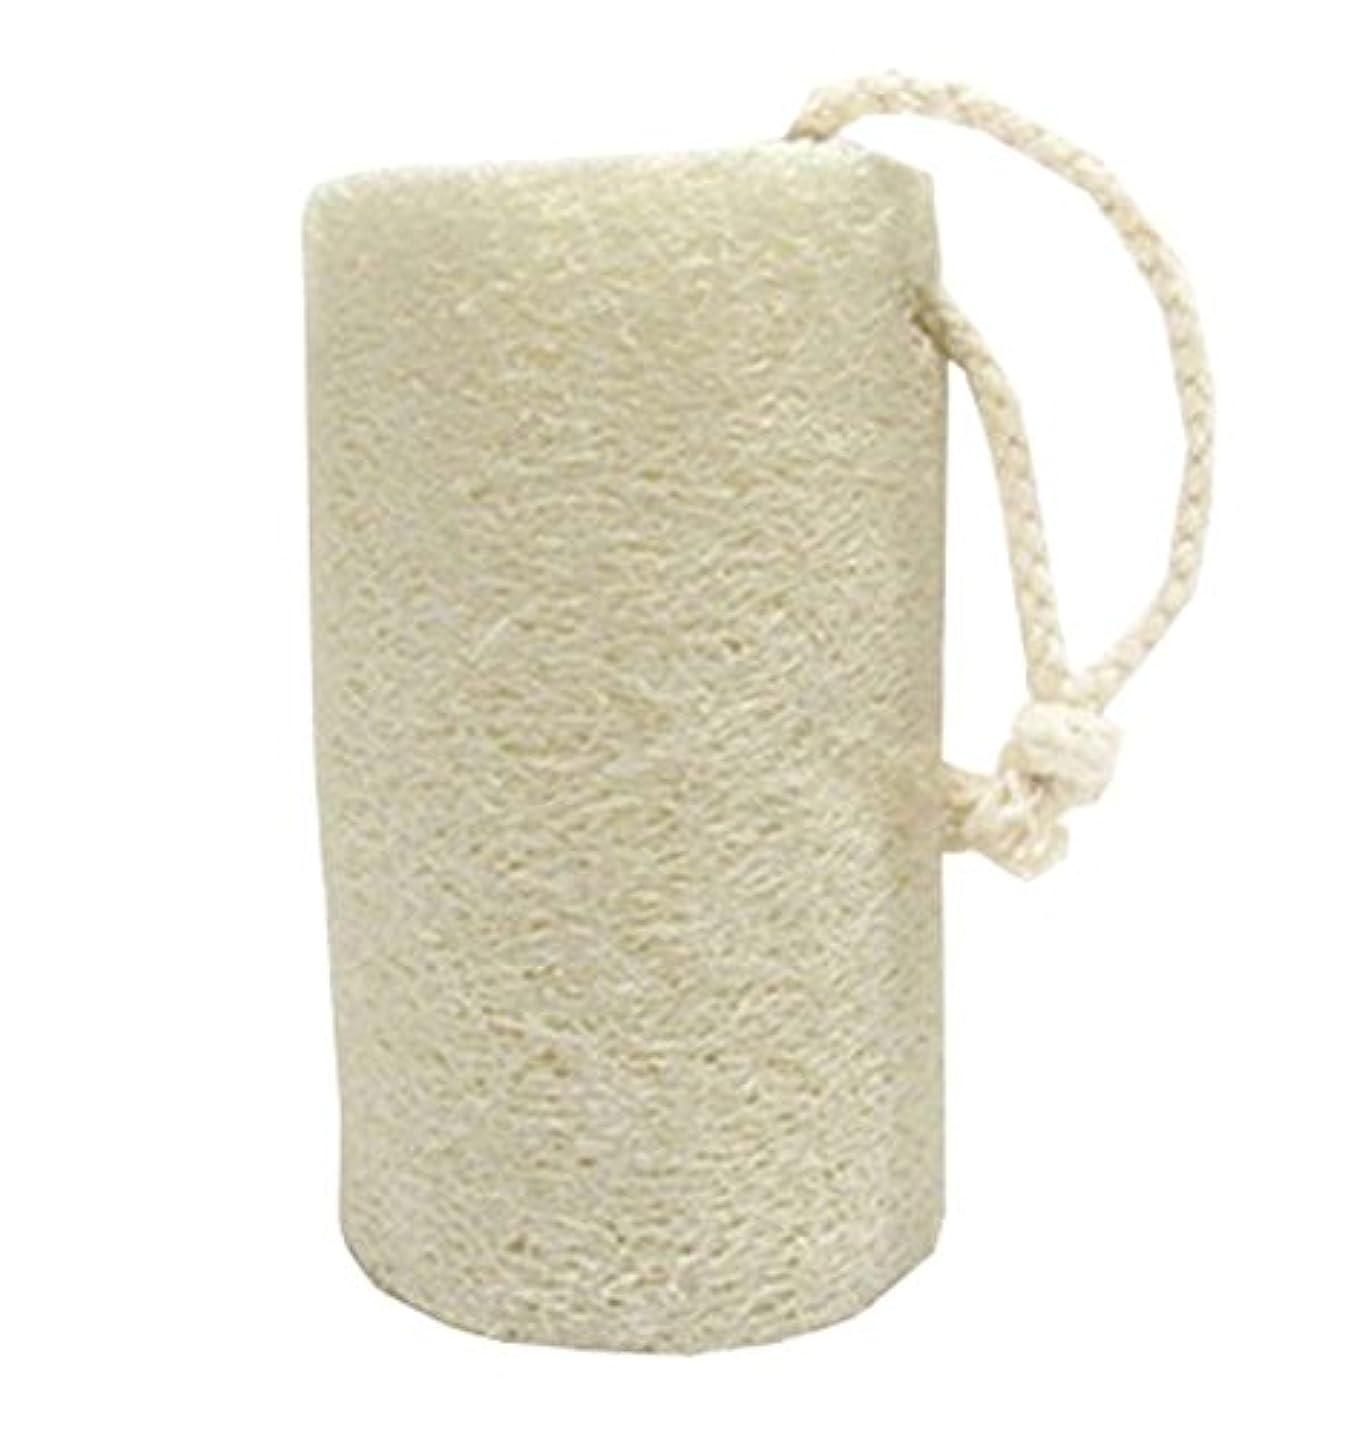 解凍する、雪解け、霜解け梨発掘するスキンボディブラシ - スキンケアの健康と美容を改善する - Natural Loofah、C